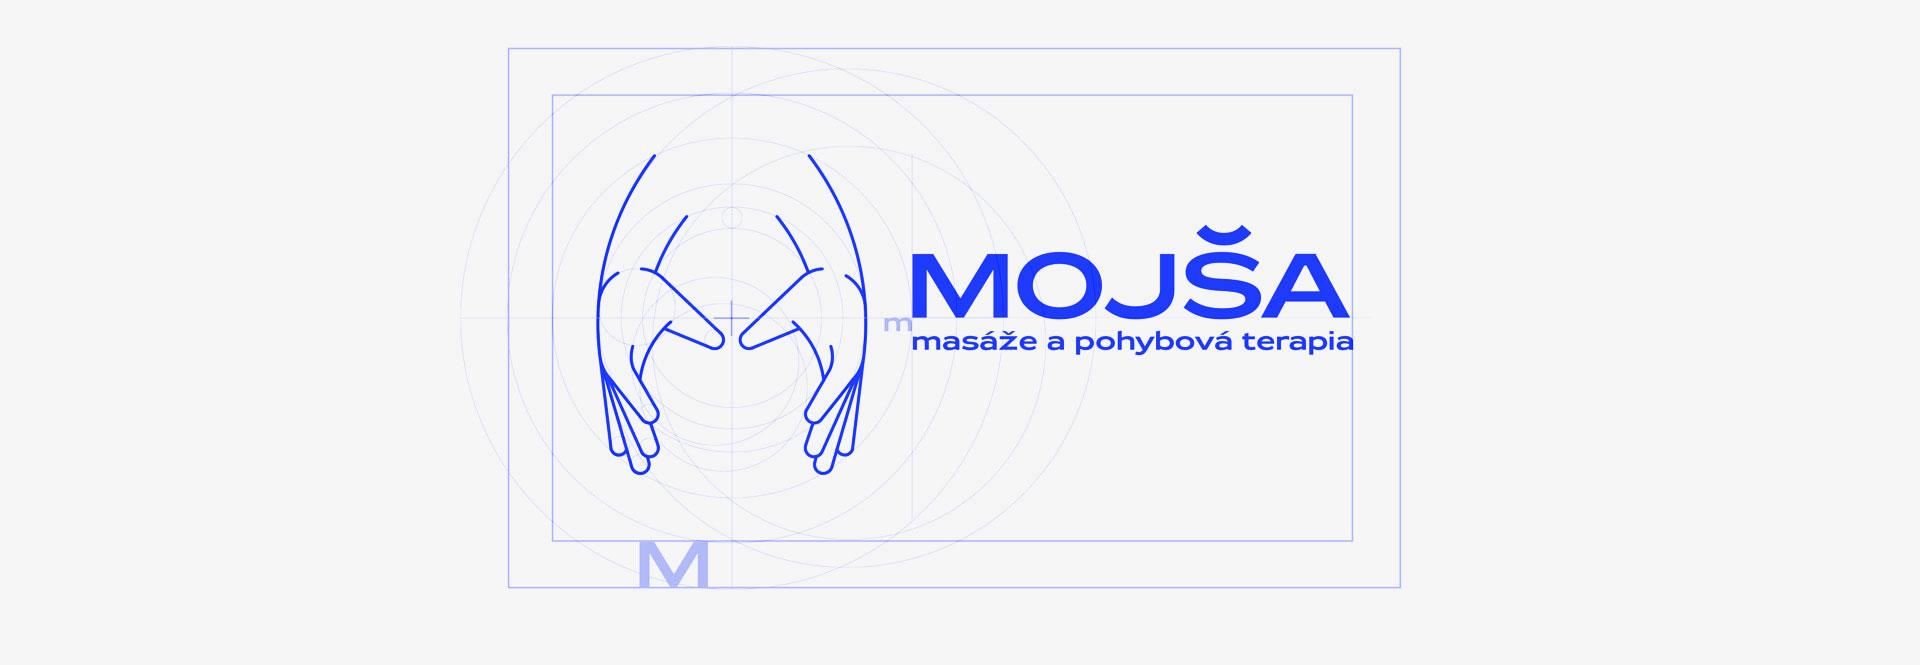 MOJŠA, fyzioterapia, logo, grafický dizajn